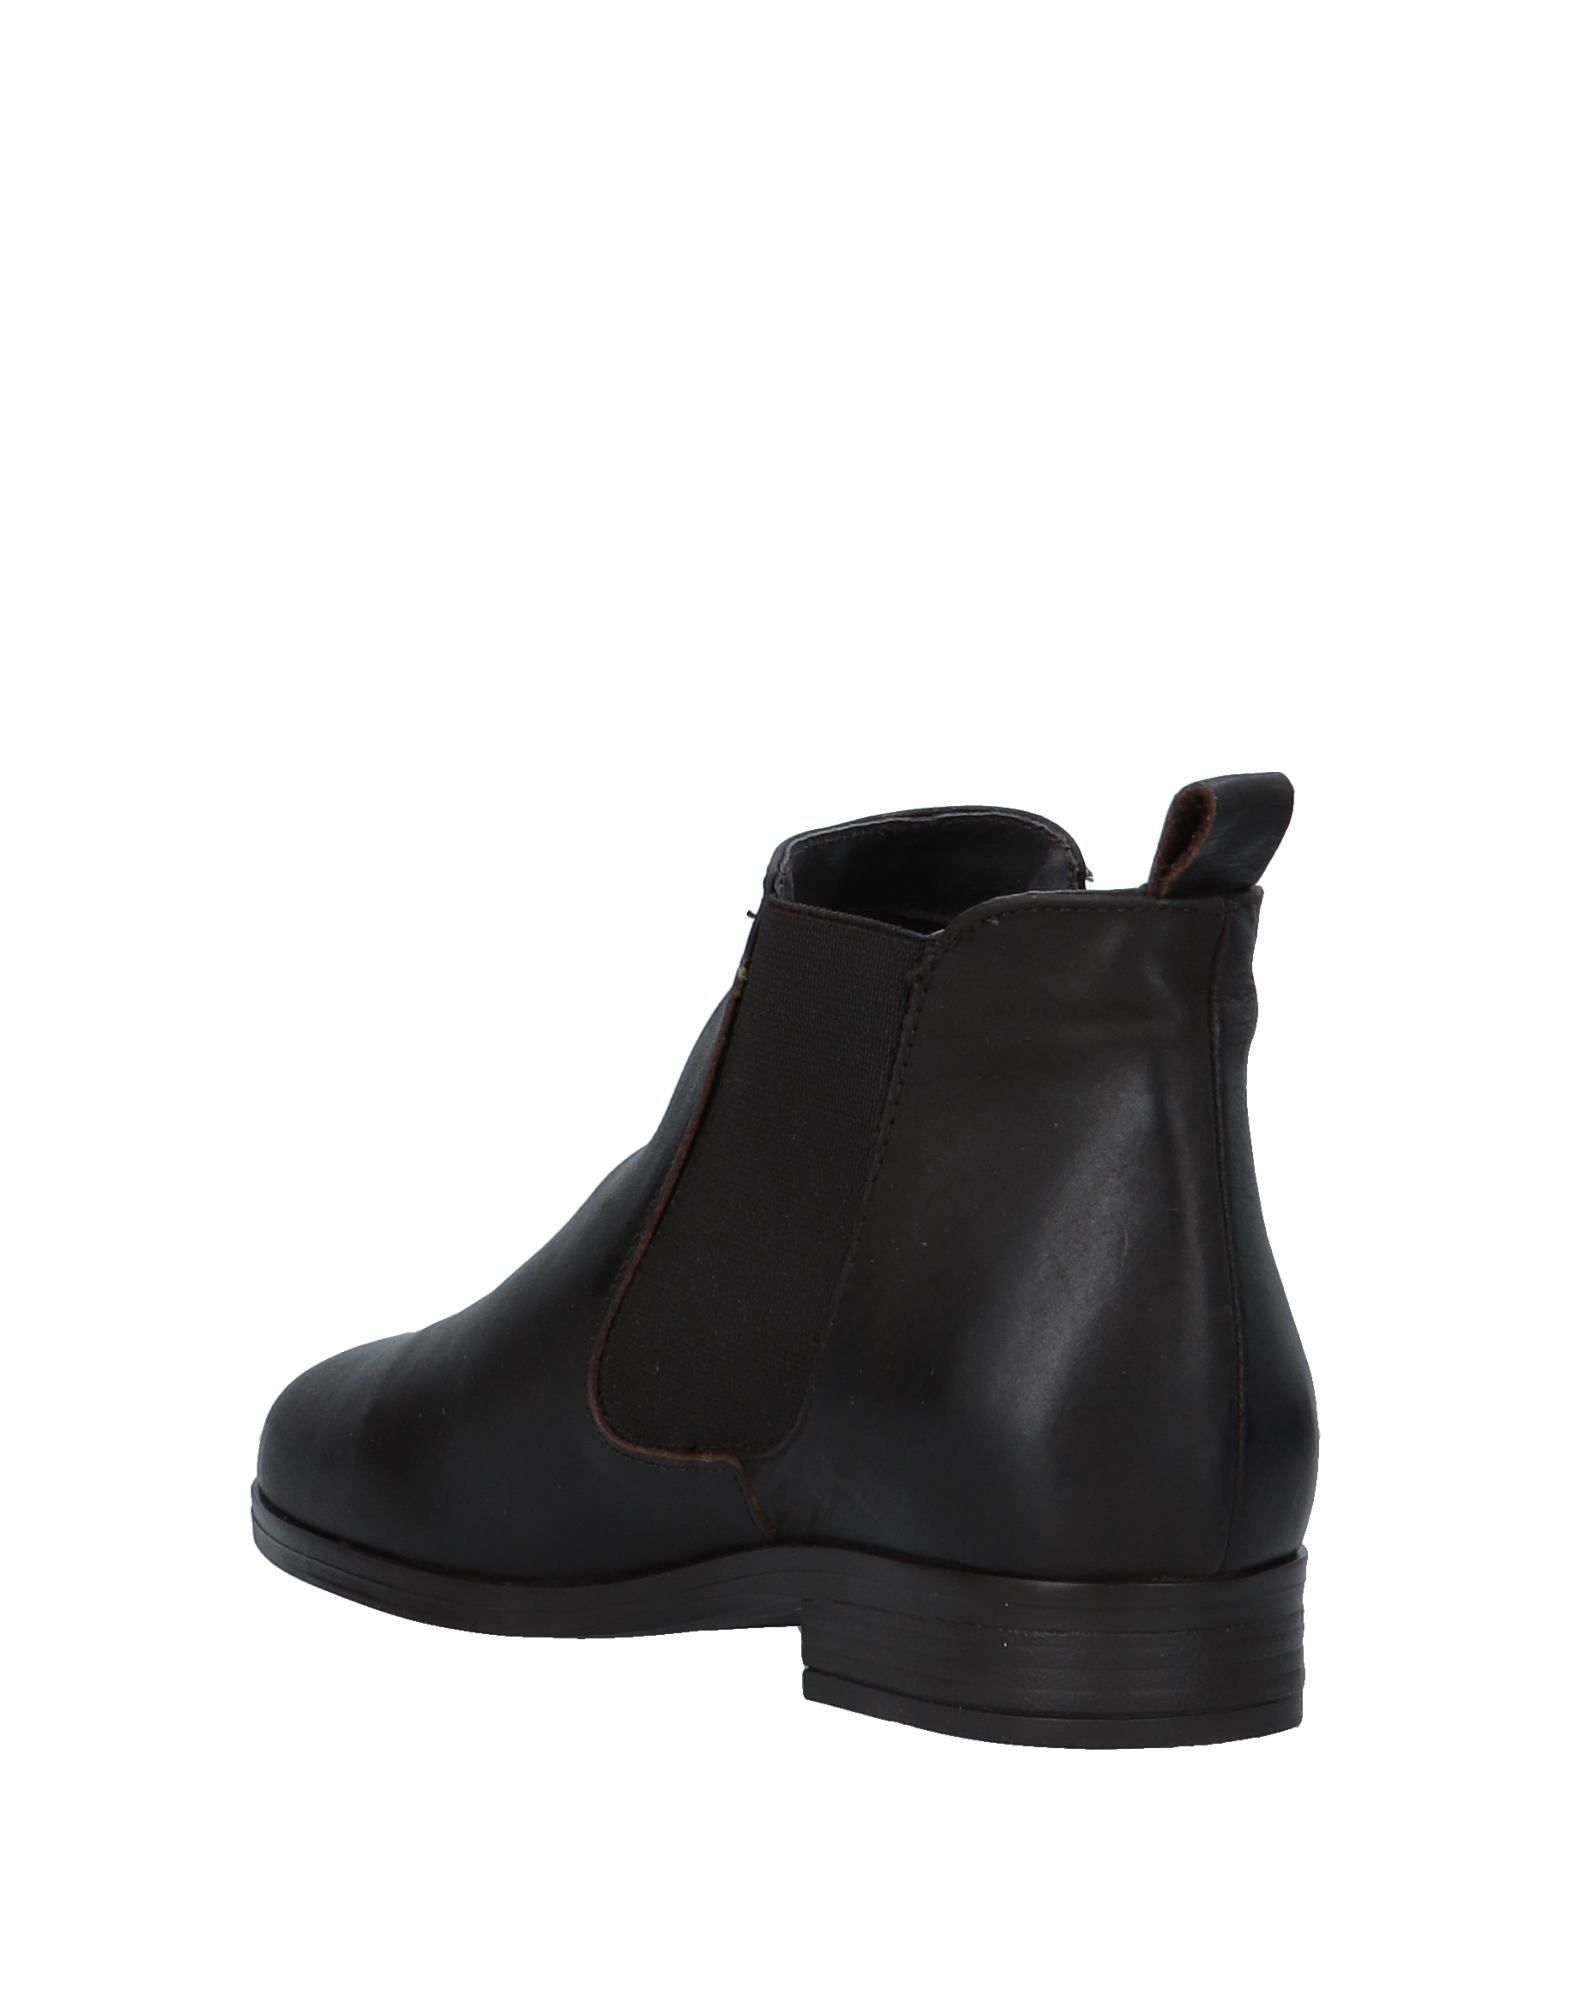 Cuplé Chelsea Boots Damen lohnt Gutes Preis-Leistungs-Verhältnis, es lohnt Damen sich,Sonderangebot-2938 ff1439